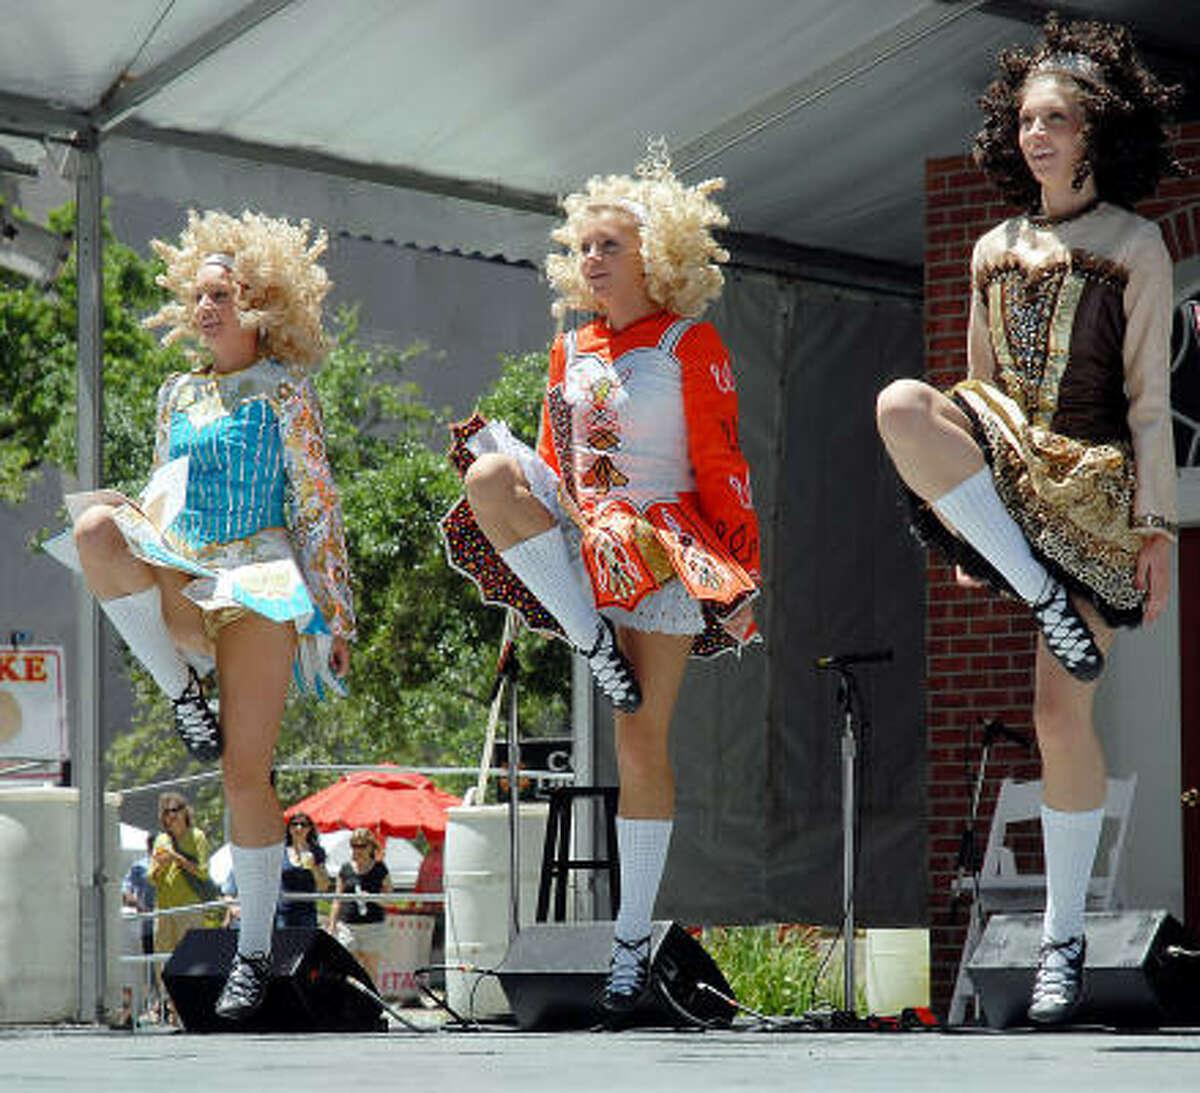 From left, Hannah Cass, Laura Cass and Lindy Cass of the Cass Academy of Irish Dance perform.